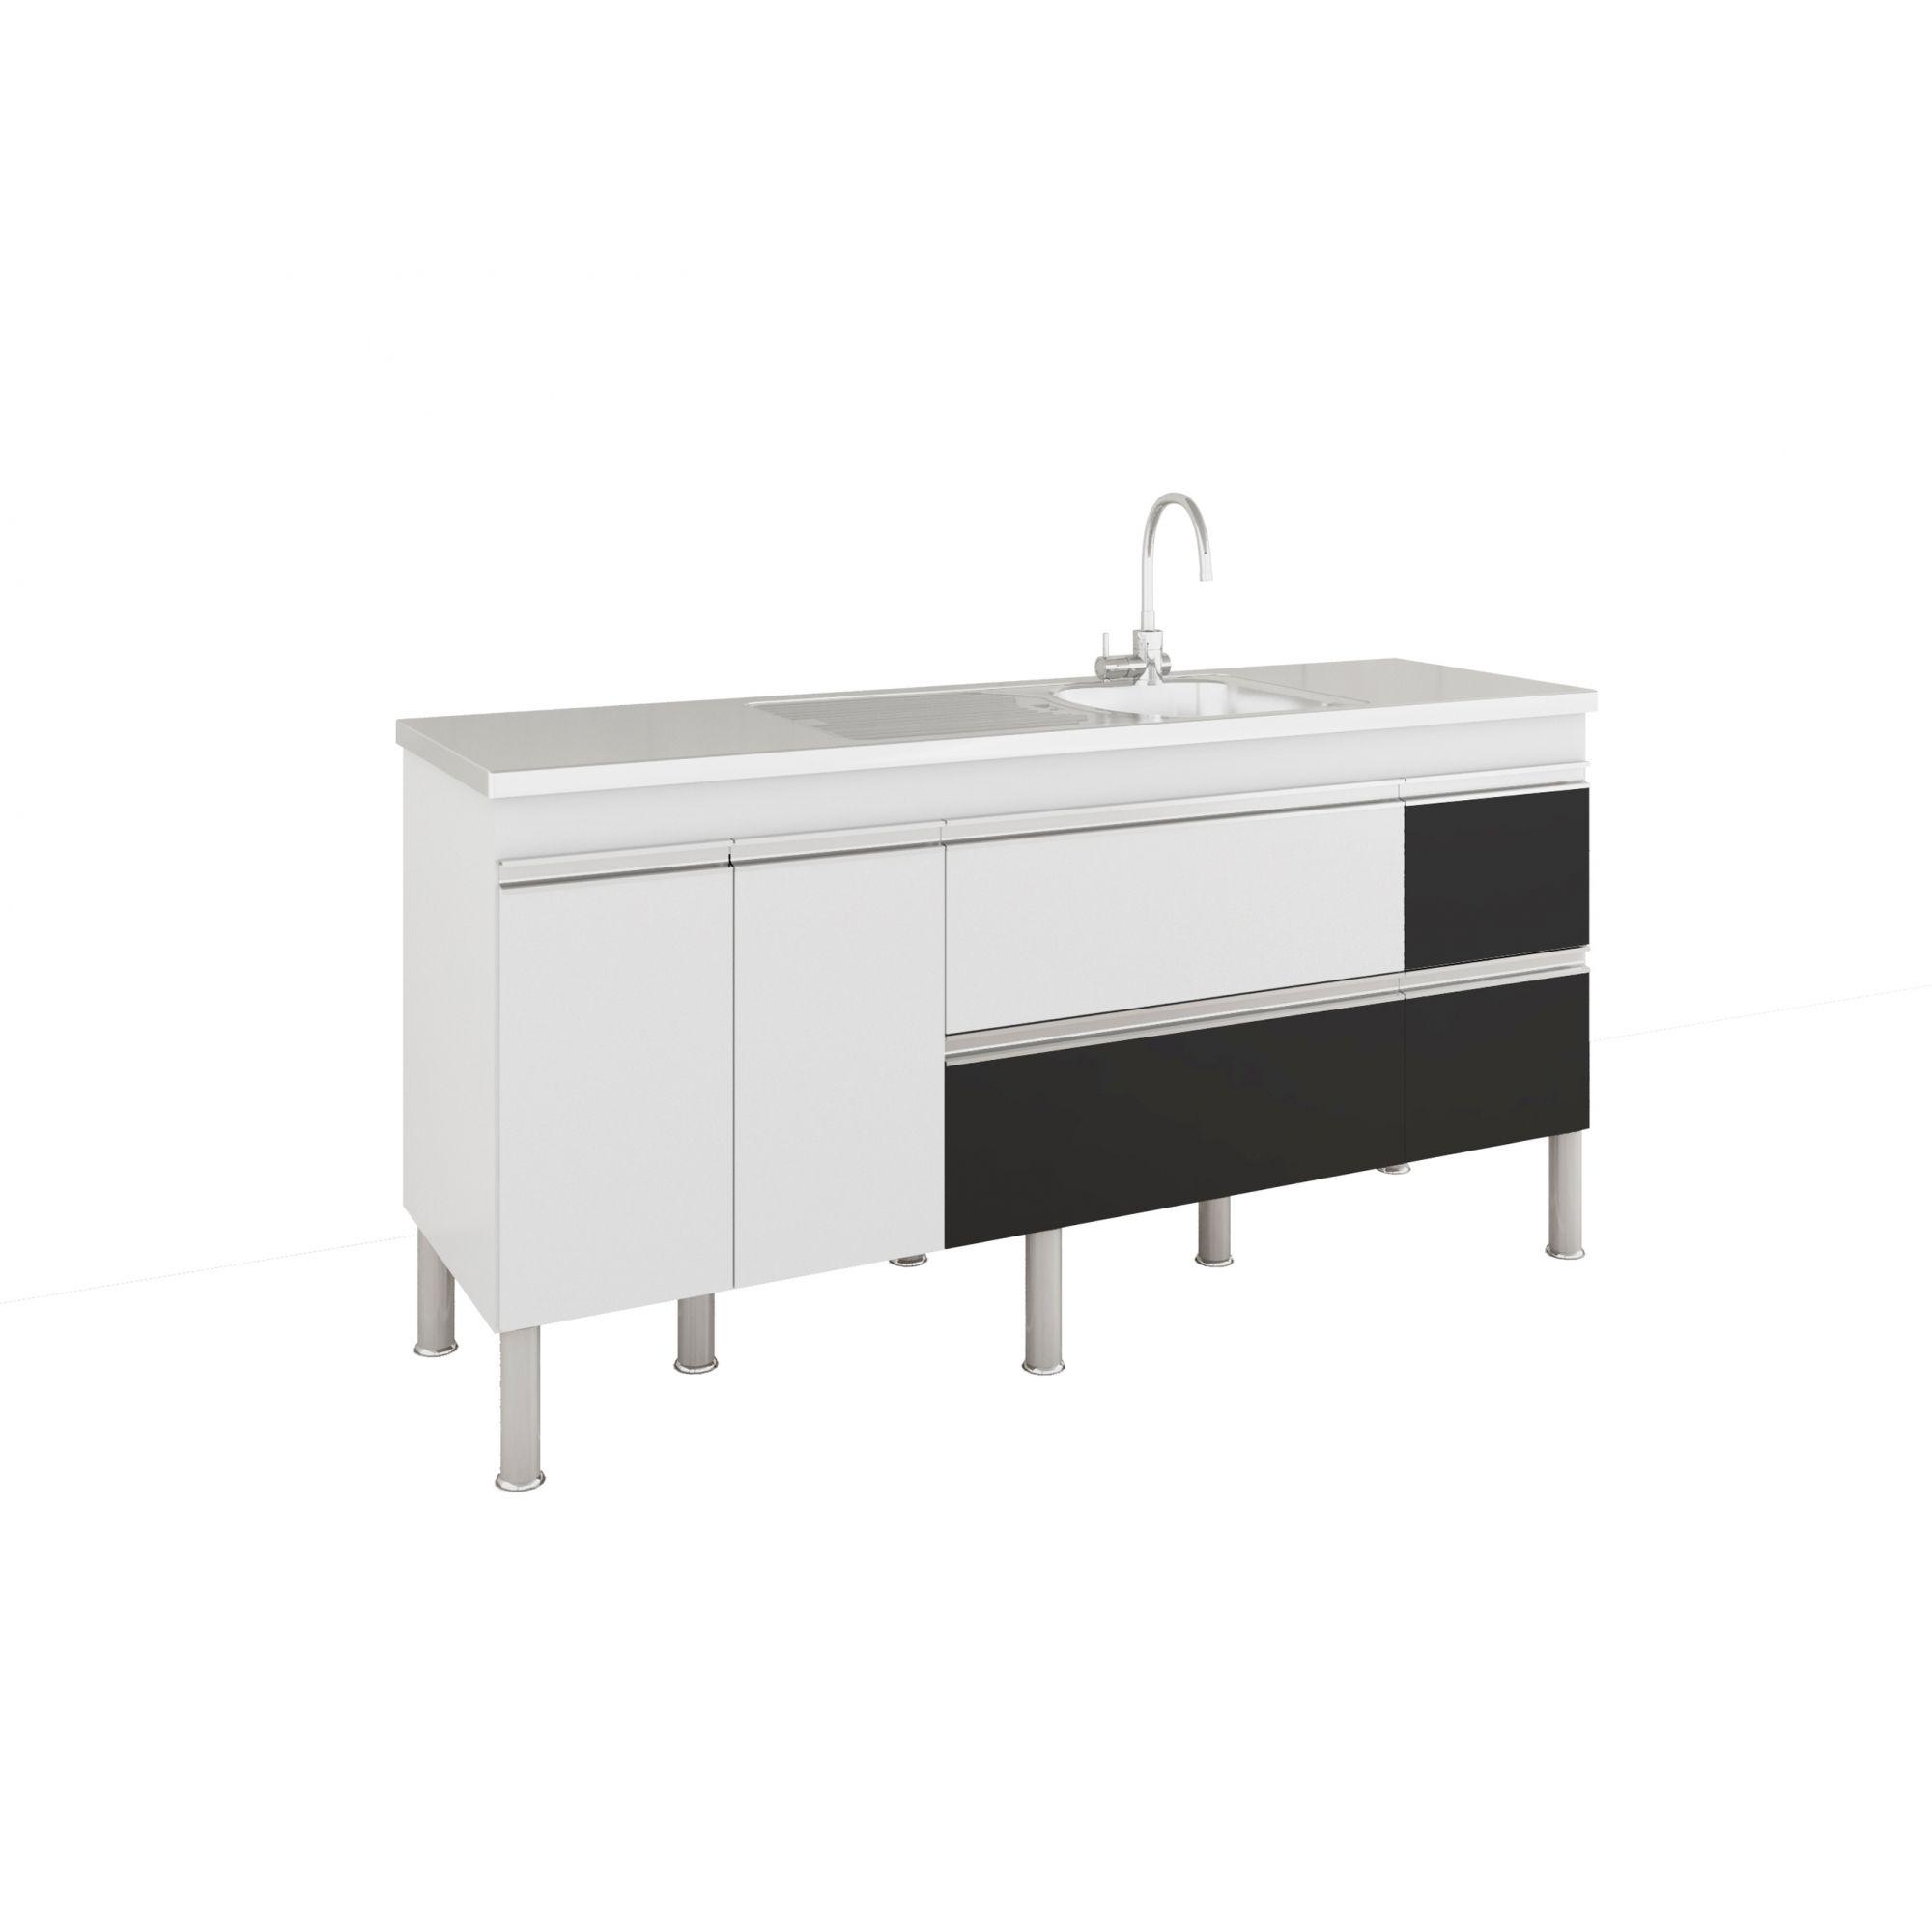 Armário De Cozinha Balcão Prisma PX Perfil 1,74 m MGM Móveis Branco/Preto